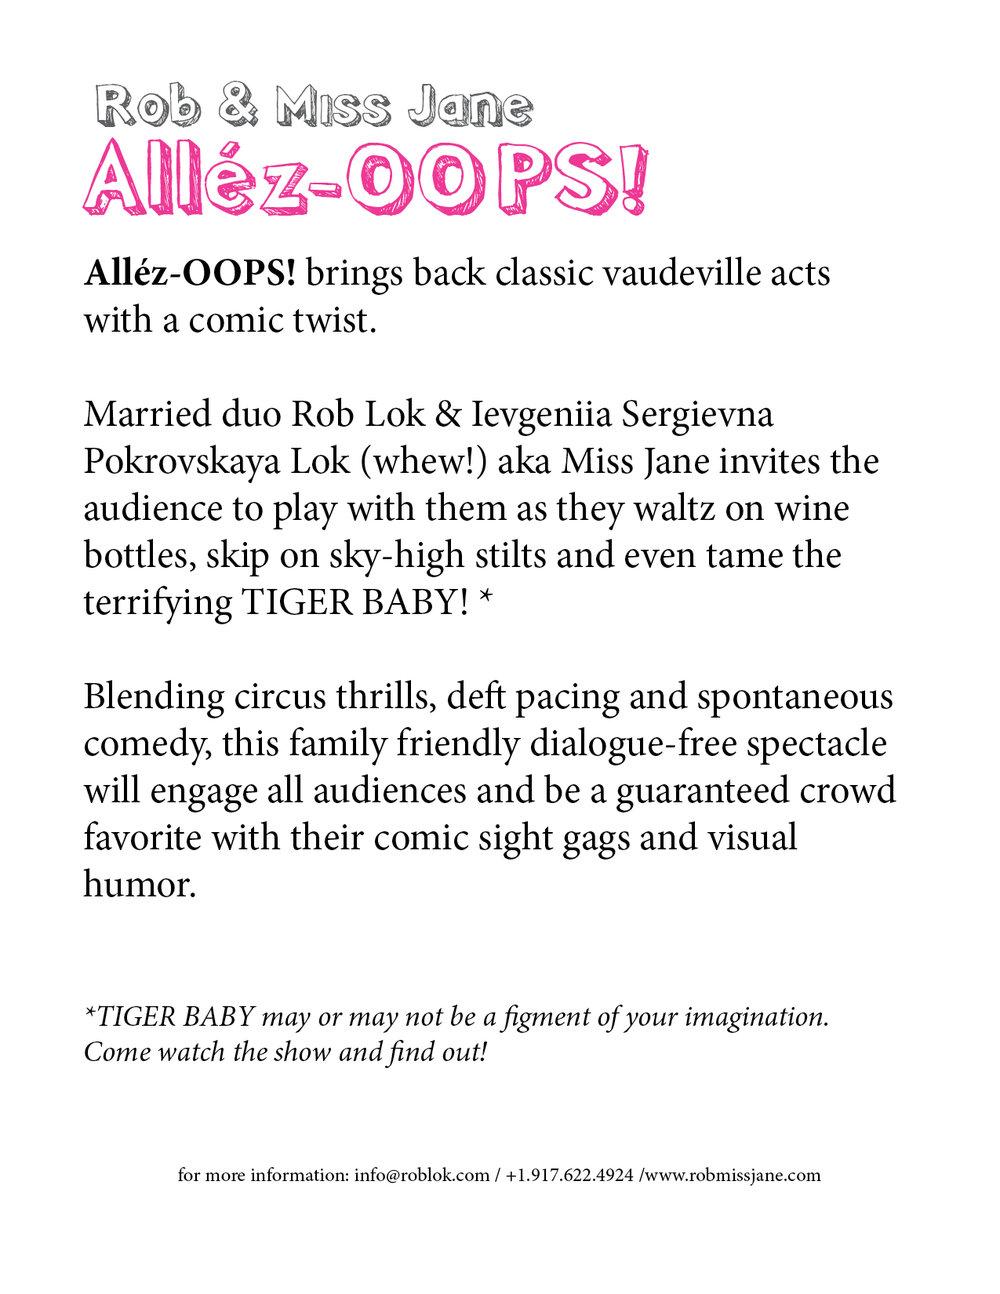 Allez OOPS Show Description